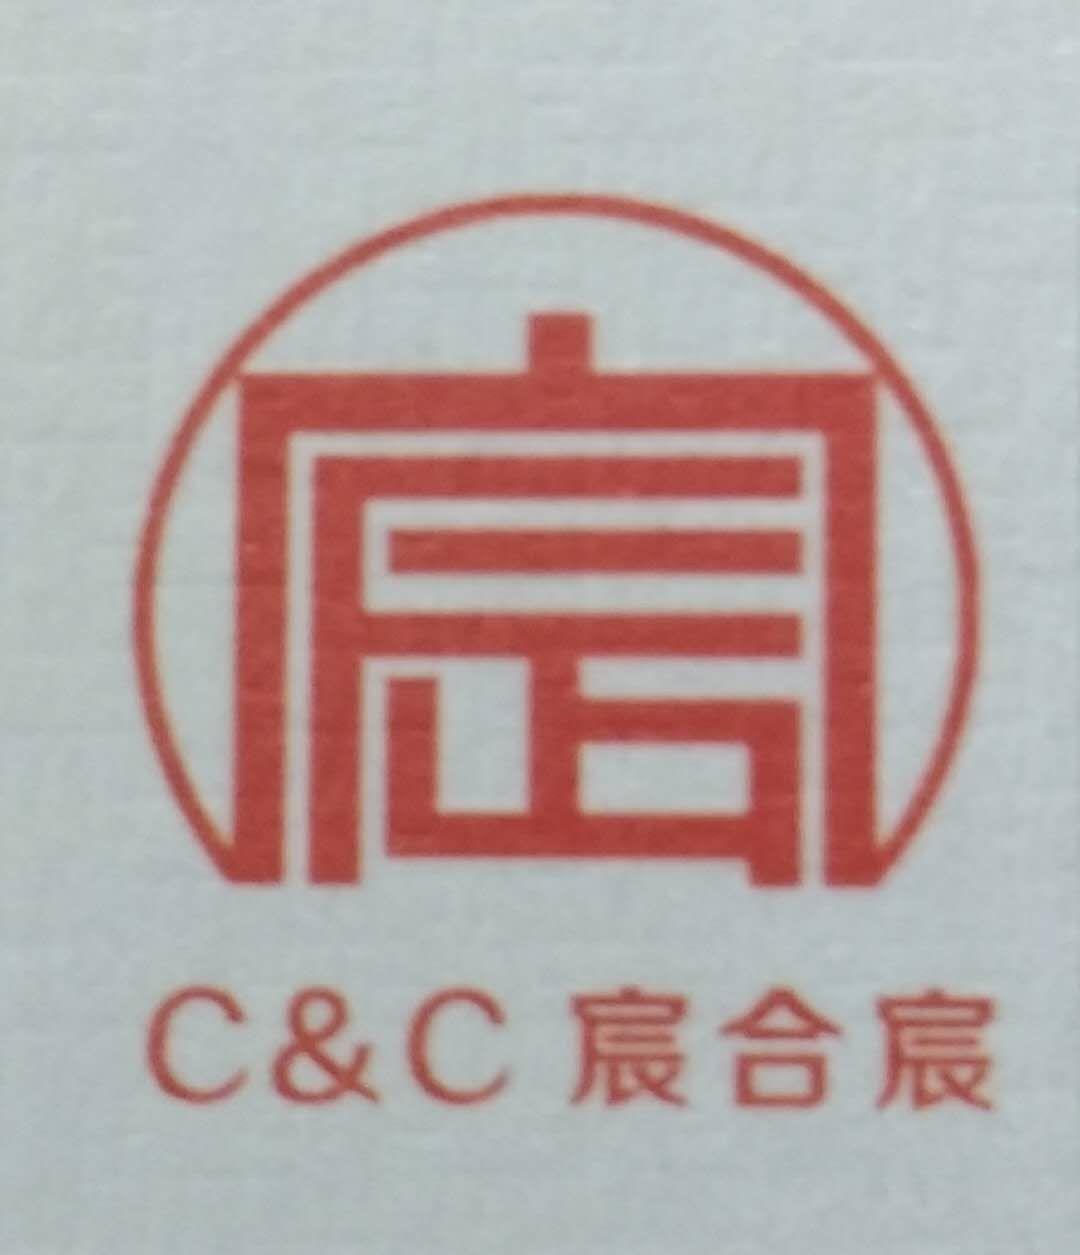 山东宸合宸律师事务所